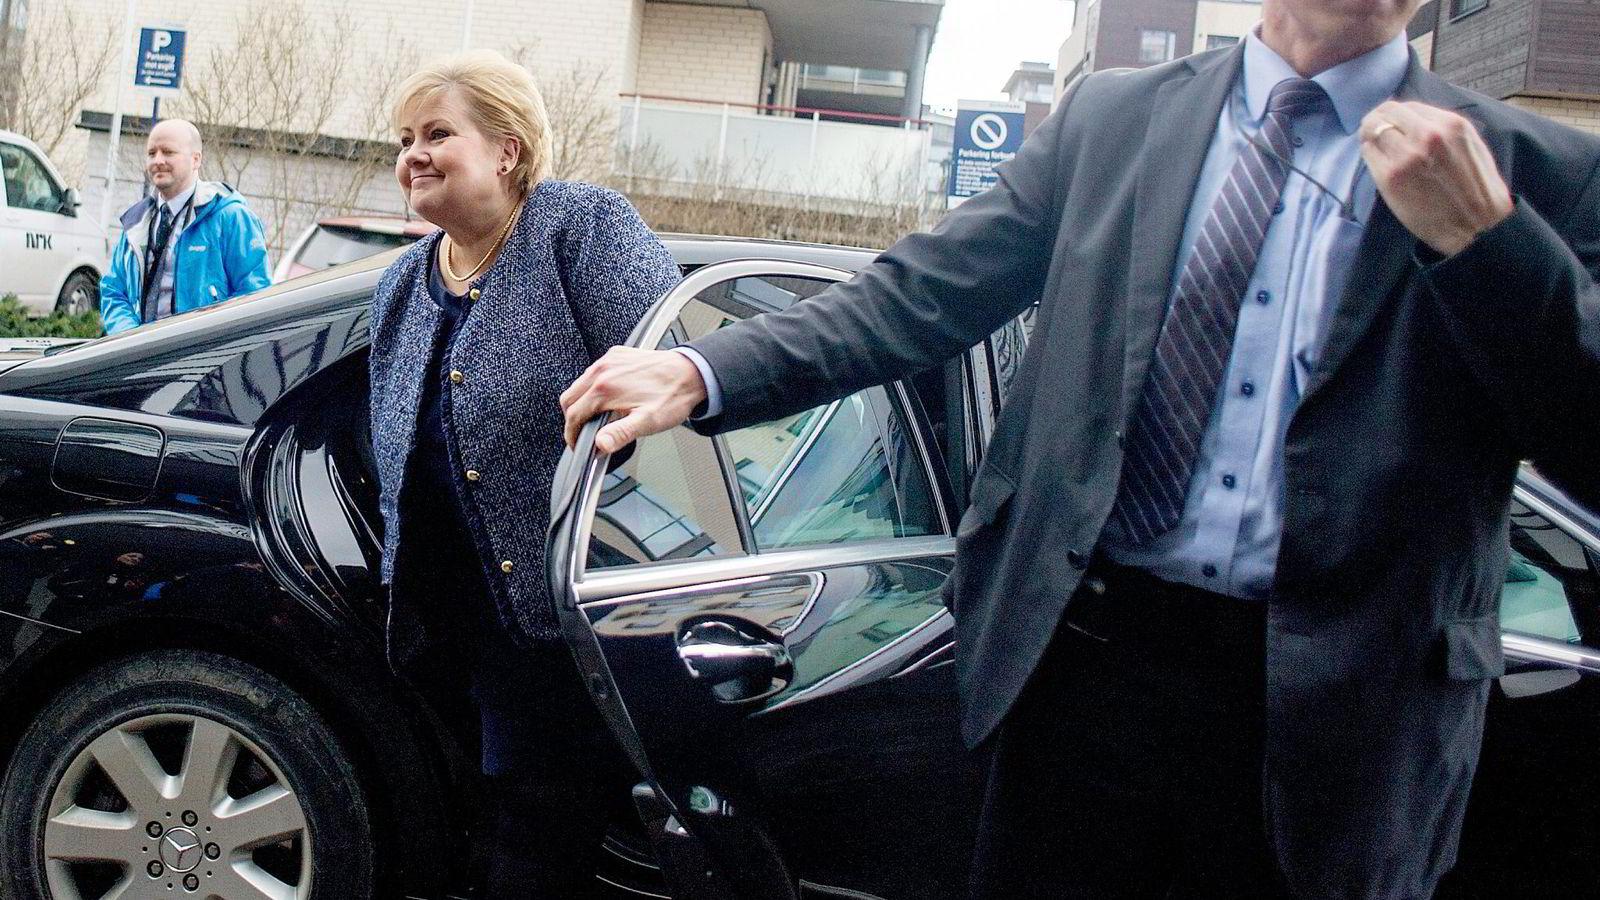 Statsminister Erna Solberg dro til Nydalen denne uken for å bedre stemningen mellom samarbeidspartiene.